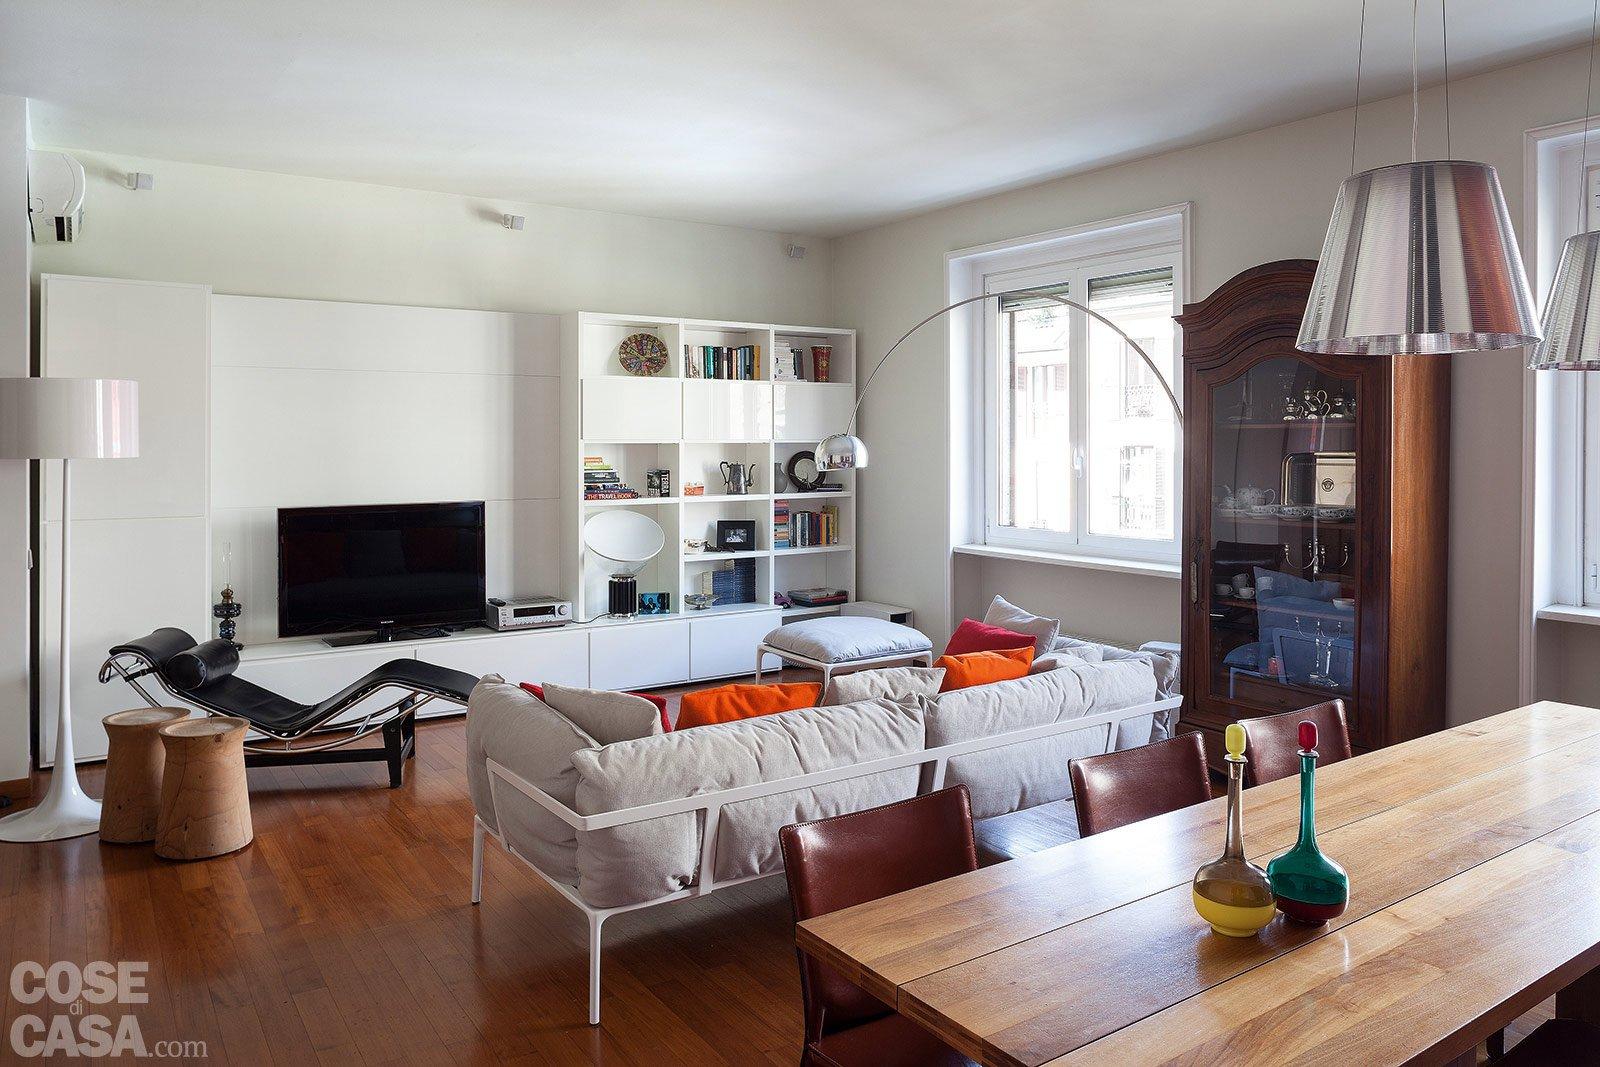 Casa carone fiorentini soggiorno 2 cose di casa for Piccoli piani di casa cabina di log